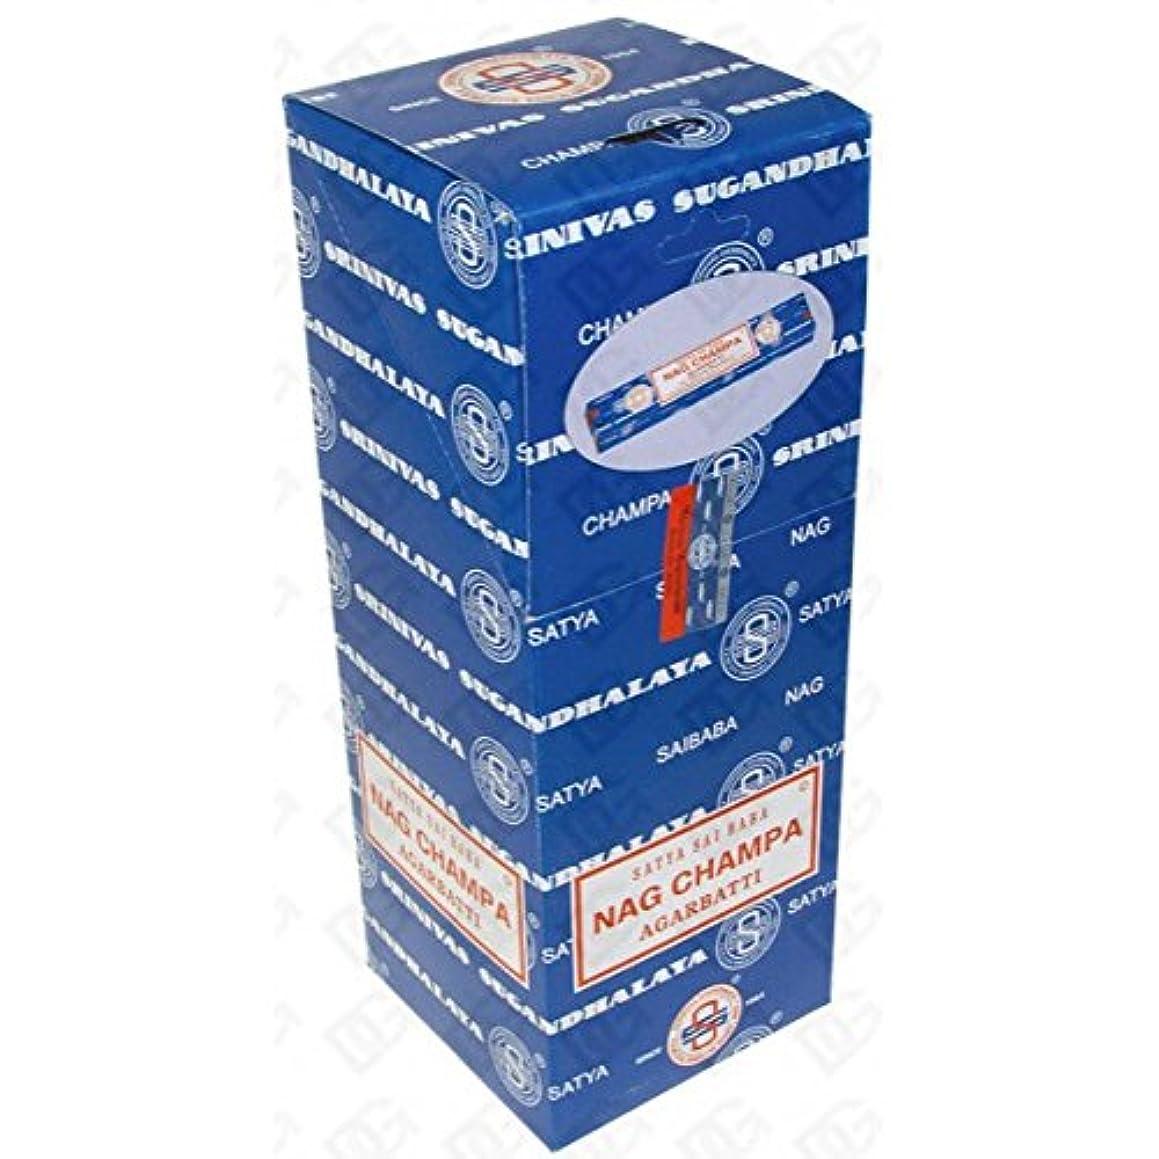 ローズ絶望農学New Nag Champa 10g Incense Sticks Value Pack 10gx25=250g Original Insense Insence by Satya Sai Baba